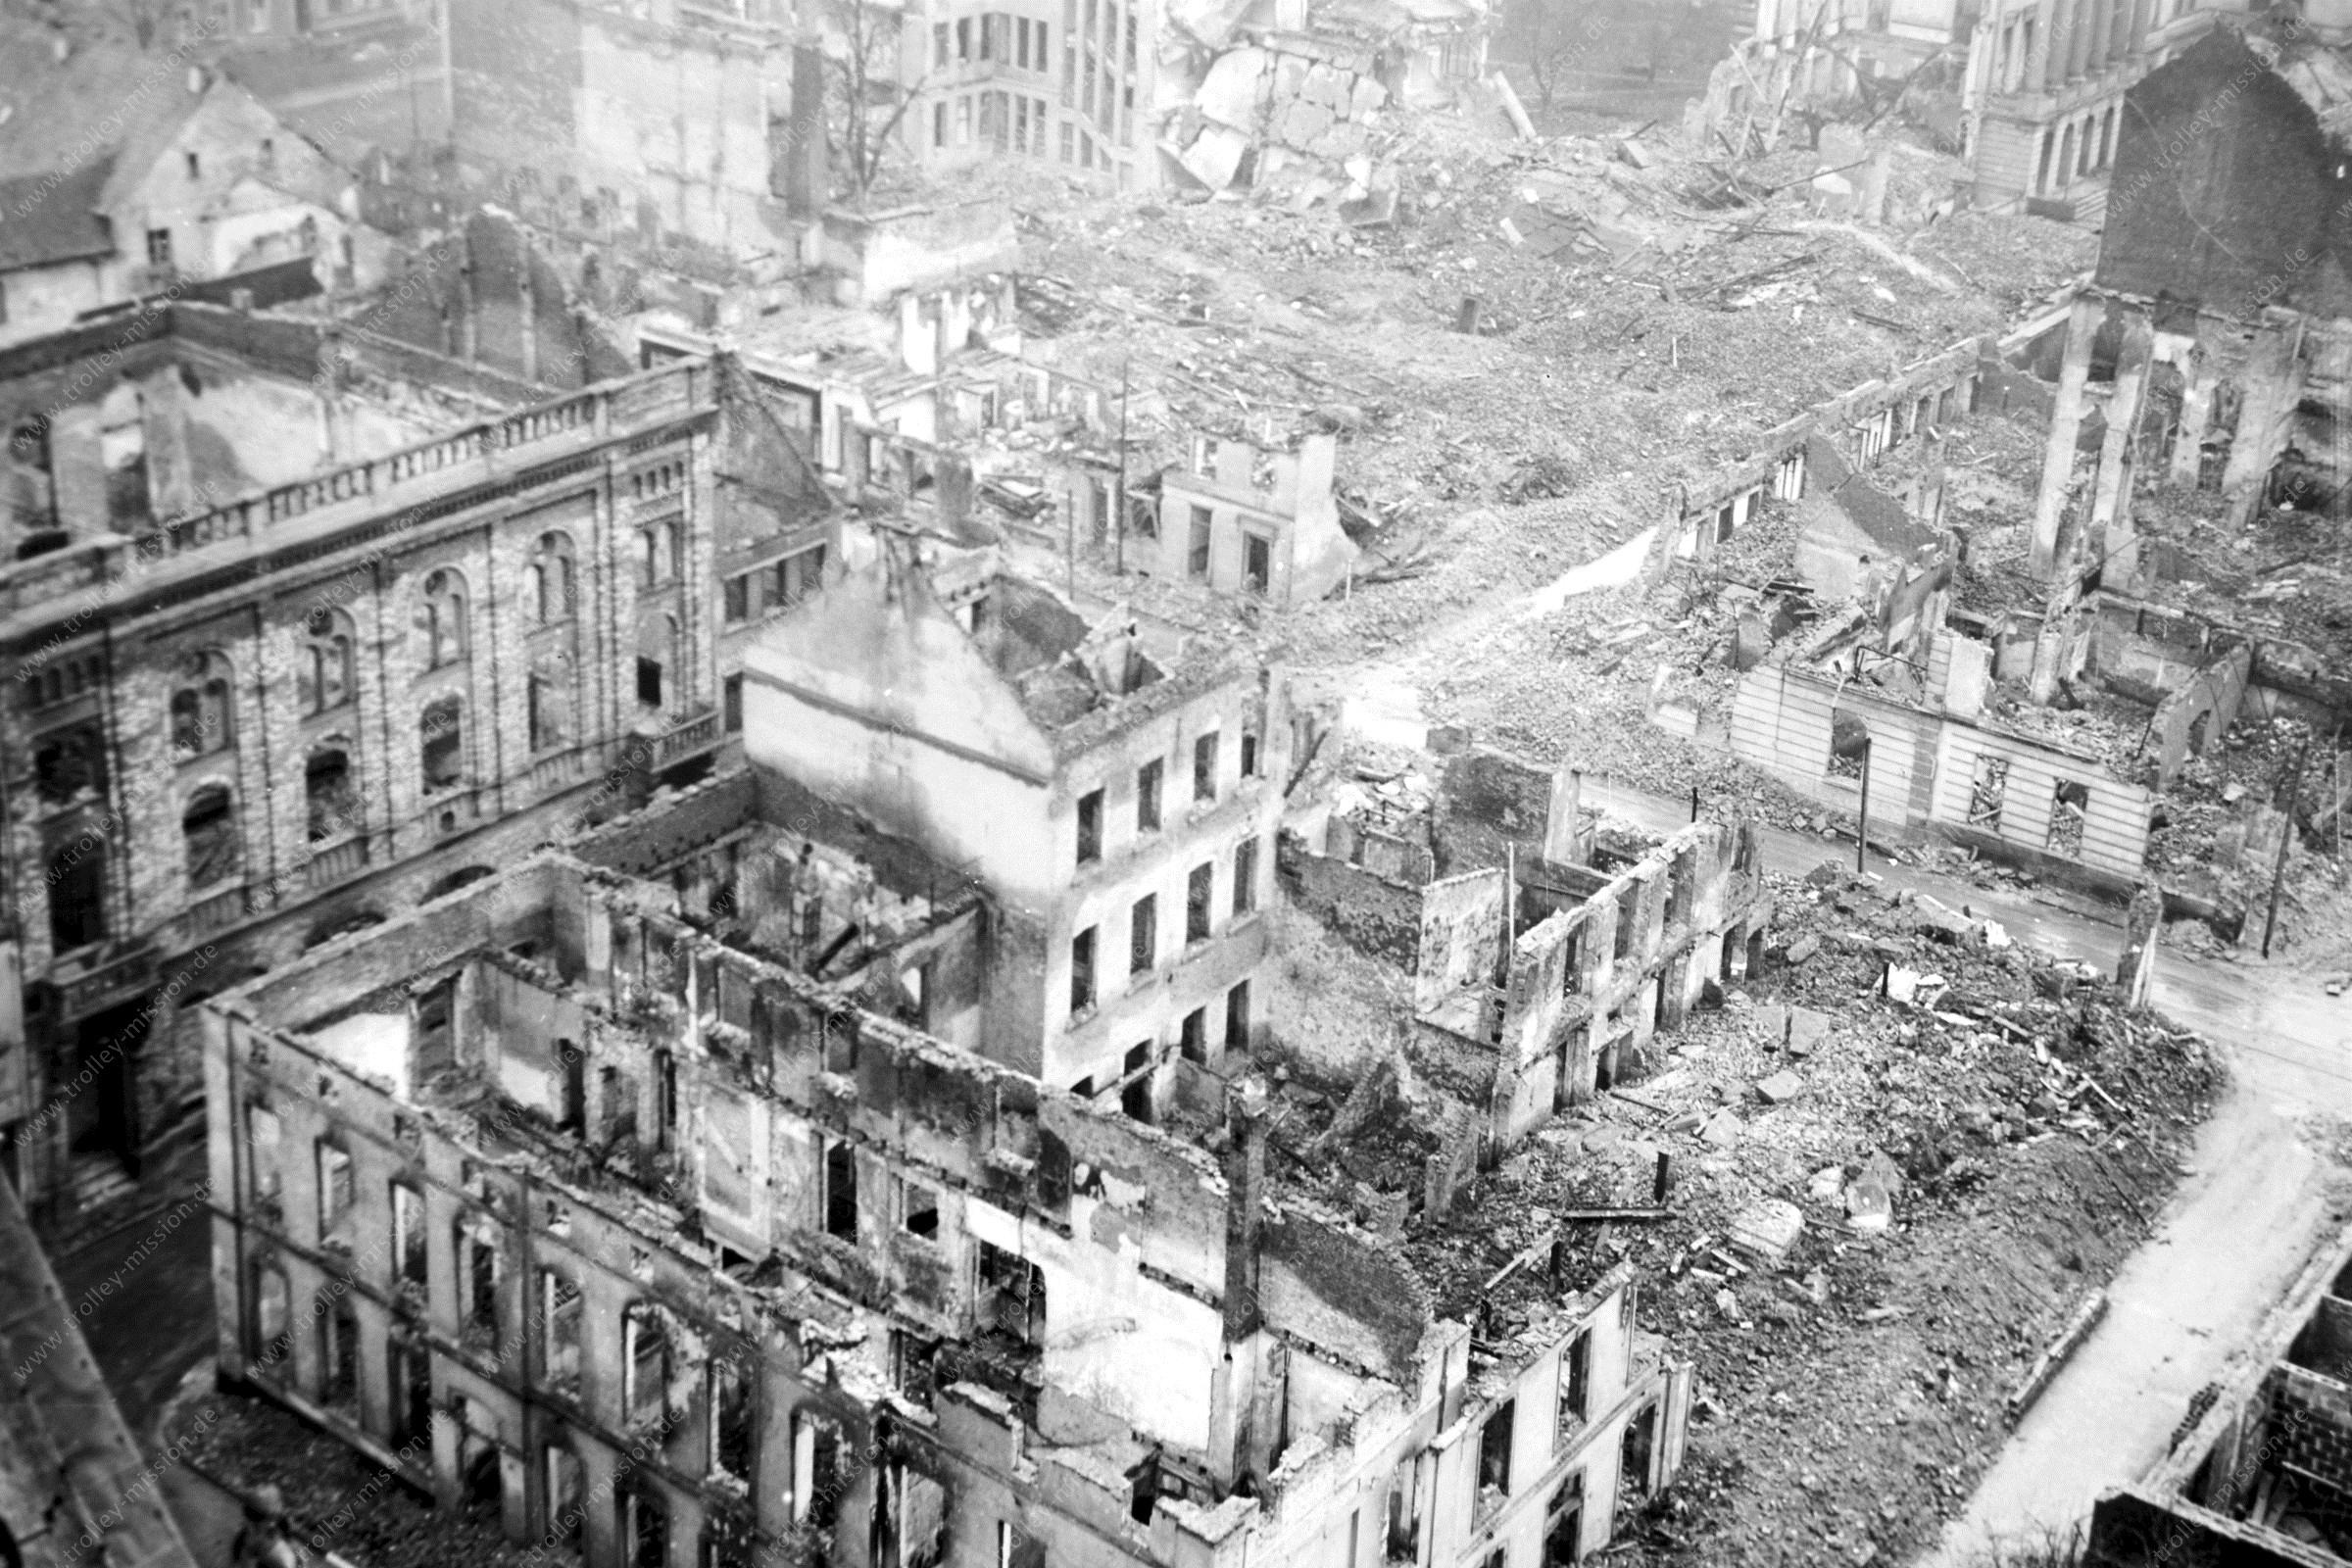 Krefelder Rathaus und Von-der-Leyen-Platz - Aufnahme vom Kirchturm der Stadt- und Pfarrkirche St. Dionysius Krefeld nach dem Zweiten Weltkrieg